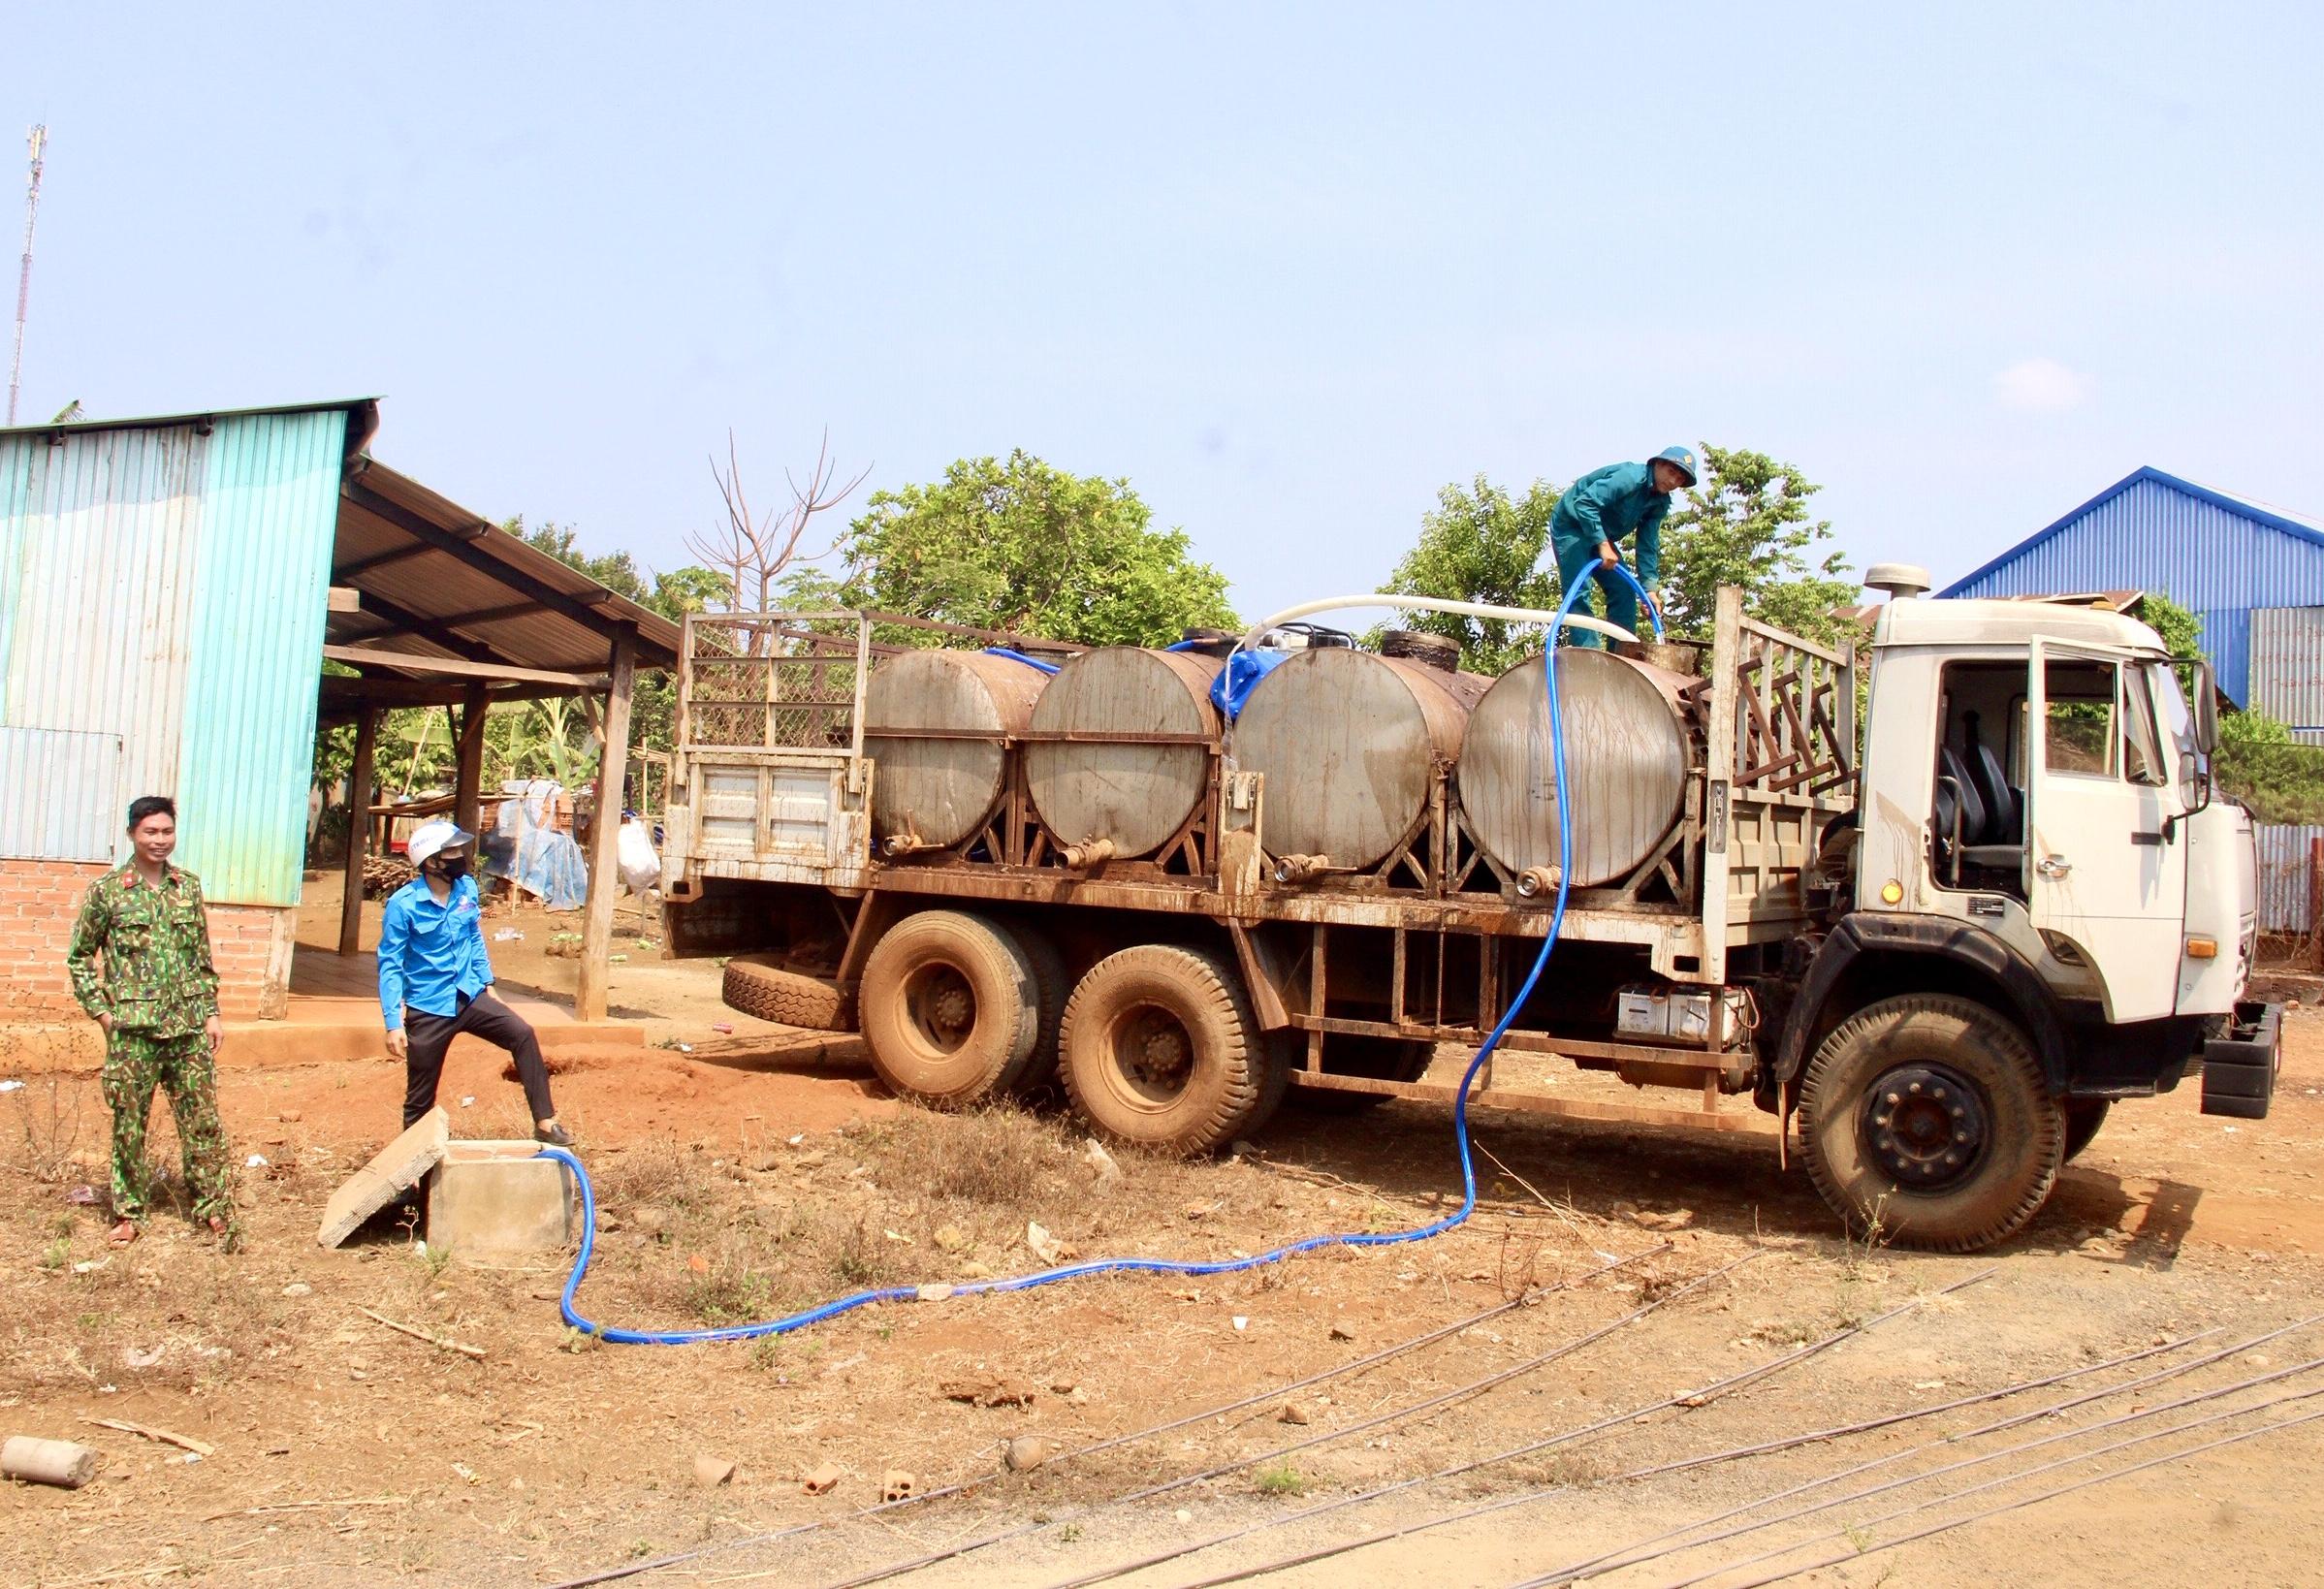 """Các cán bộ, chiến sĩ Đoàn Kinh tế - Quốc phòng 778 phối hợp với các lực lượng bơm nước sạch từ một giếng khoan trong vùng sau đó vận chuyển cấp miễn phí, giải """"cơn khát"""" cho bà con"""